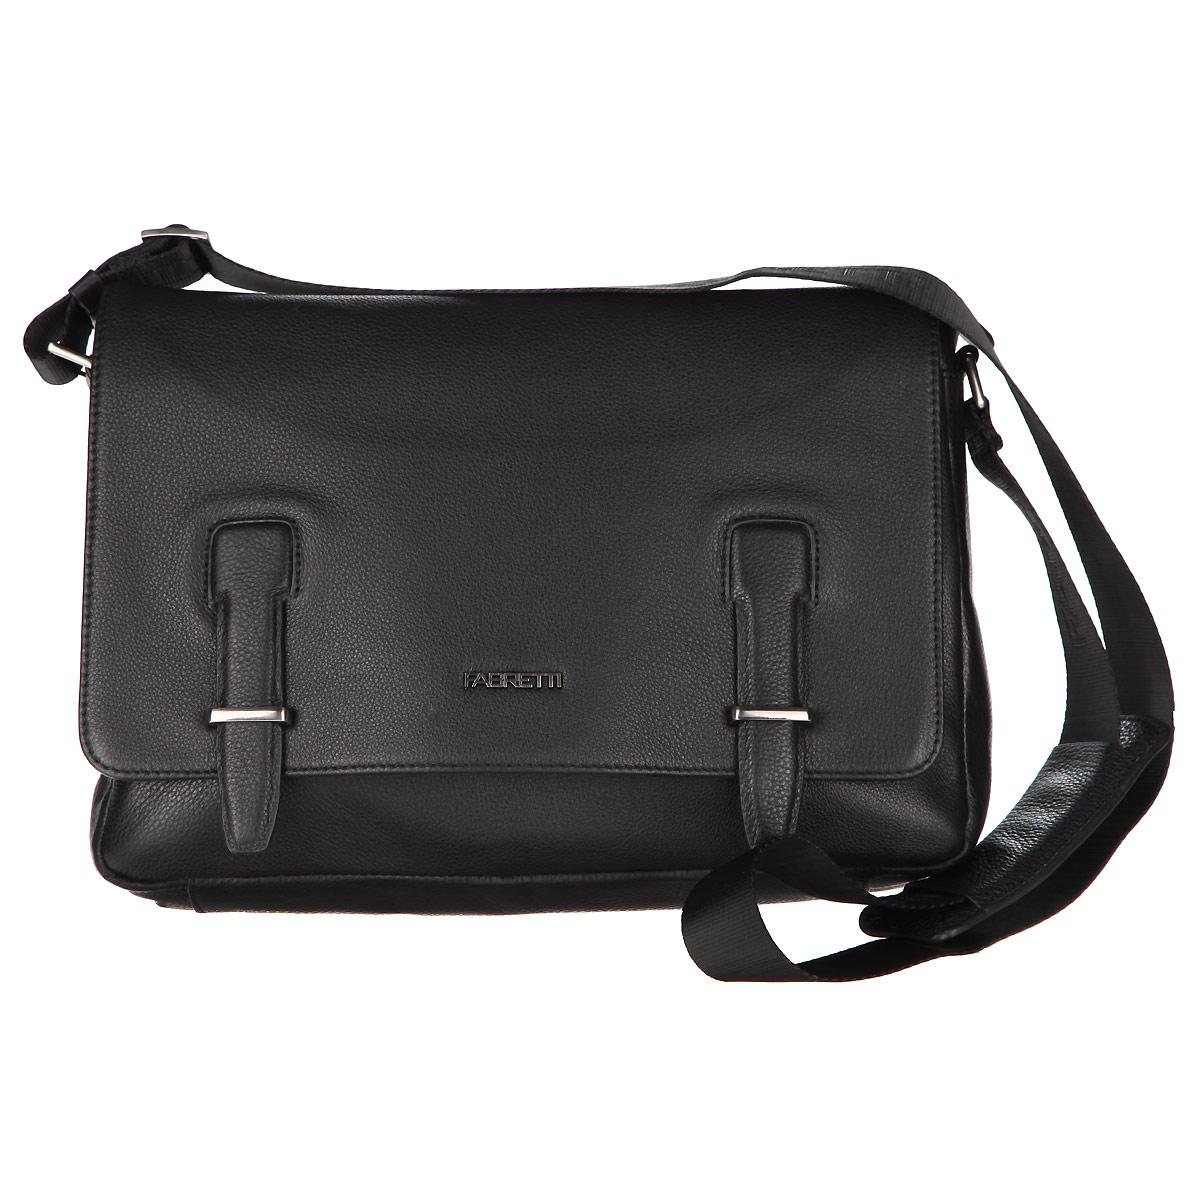 Сумка мужская Fabretti, цвет: черный. 6639FAB-B6639FAB-B blackСтильная мужская сумка Fabretti изготовлена из натуральной кожи. Модель имеет одно основное отделение, которое закрывается клапаном на магнитный замок. Внутри имеется два накладных открытых кармашка для телефона и мелочей, два держателя для авторучки и мягкий карман для планшета или небольшого ноутбука, который закрывается хлястиком на липучку. Снаружи на передней стенке под клапаном располагается карман на магнитной кнопке. На задней стенке имеется прорезной карман на застежке-молнии. Изделие оснащено текстильным плечевым ремнем, который регулируется по длине. Сумка упакована в фирменный чехол. Сумка Fabretti - идеальный выбор успешного делового мужчины.